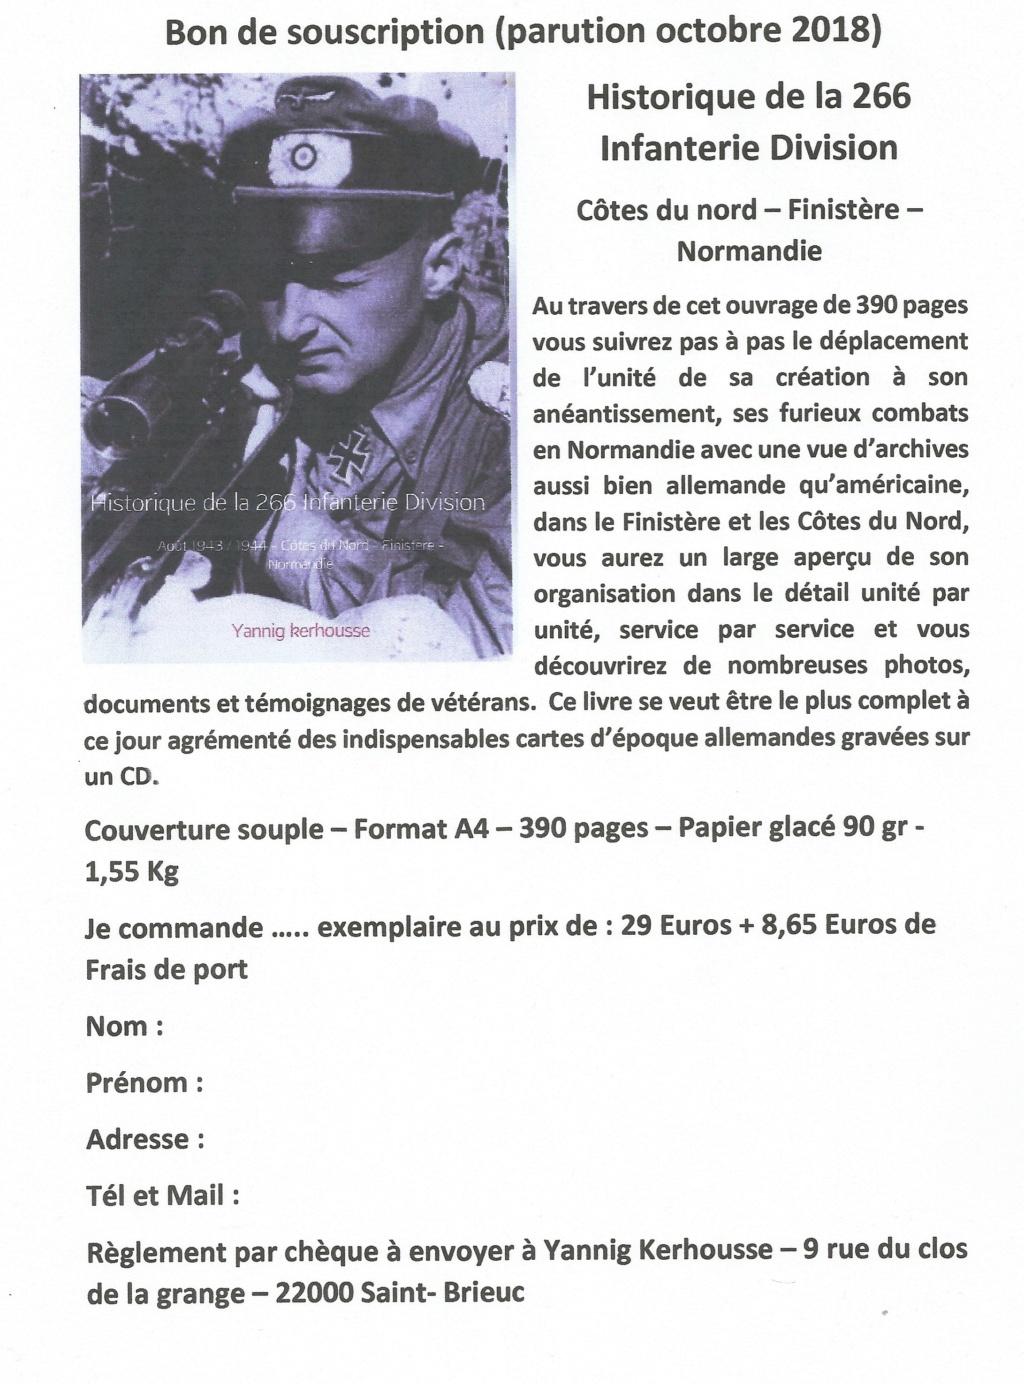 Ouvrage sur la 266.Infanterie Division - Page 2 Bon_de12